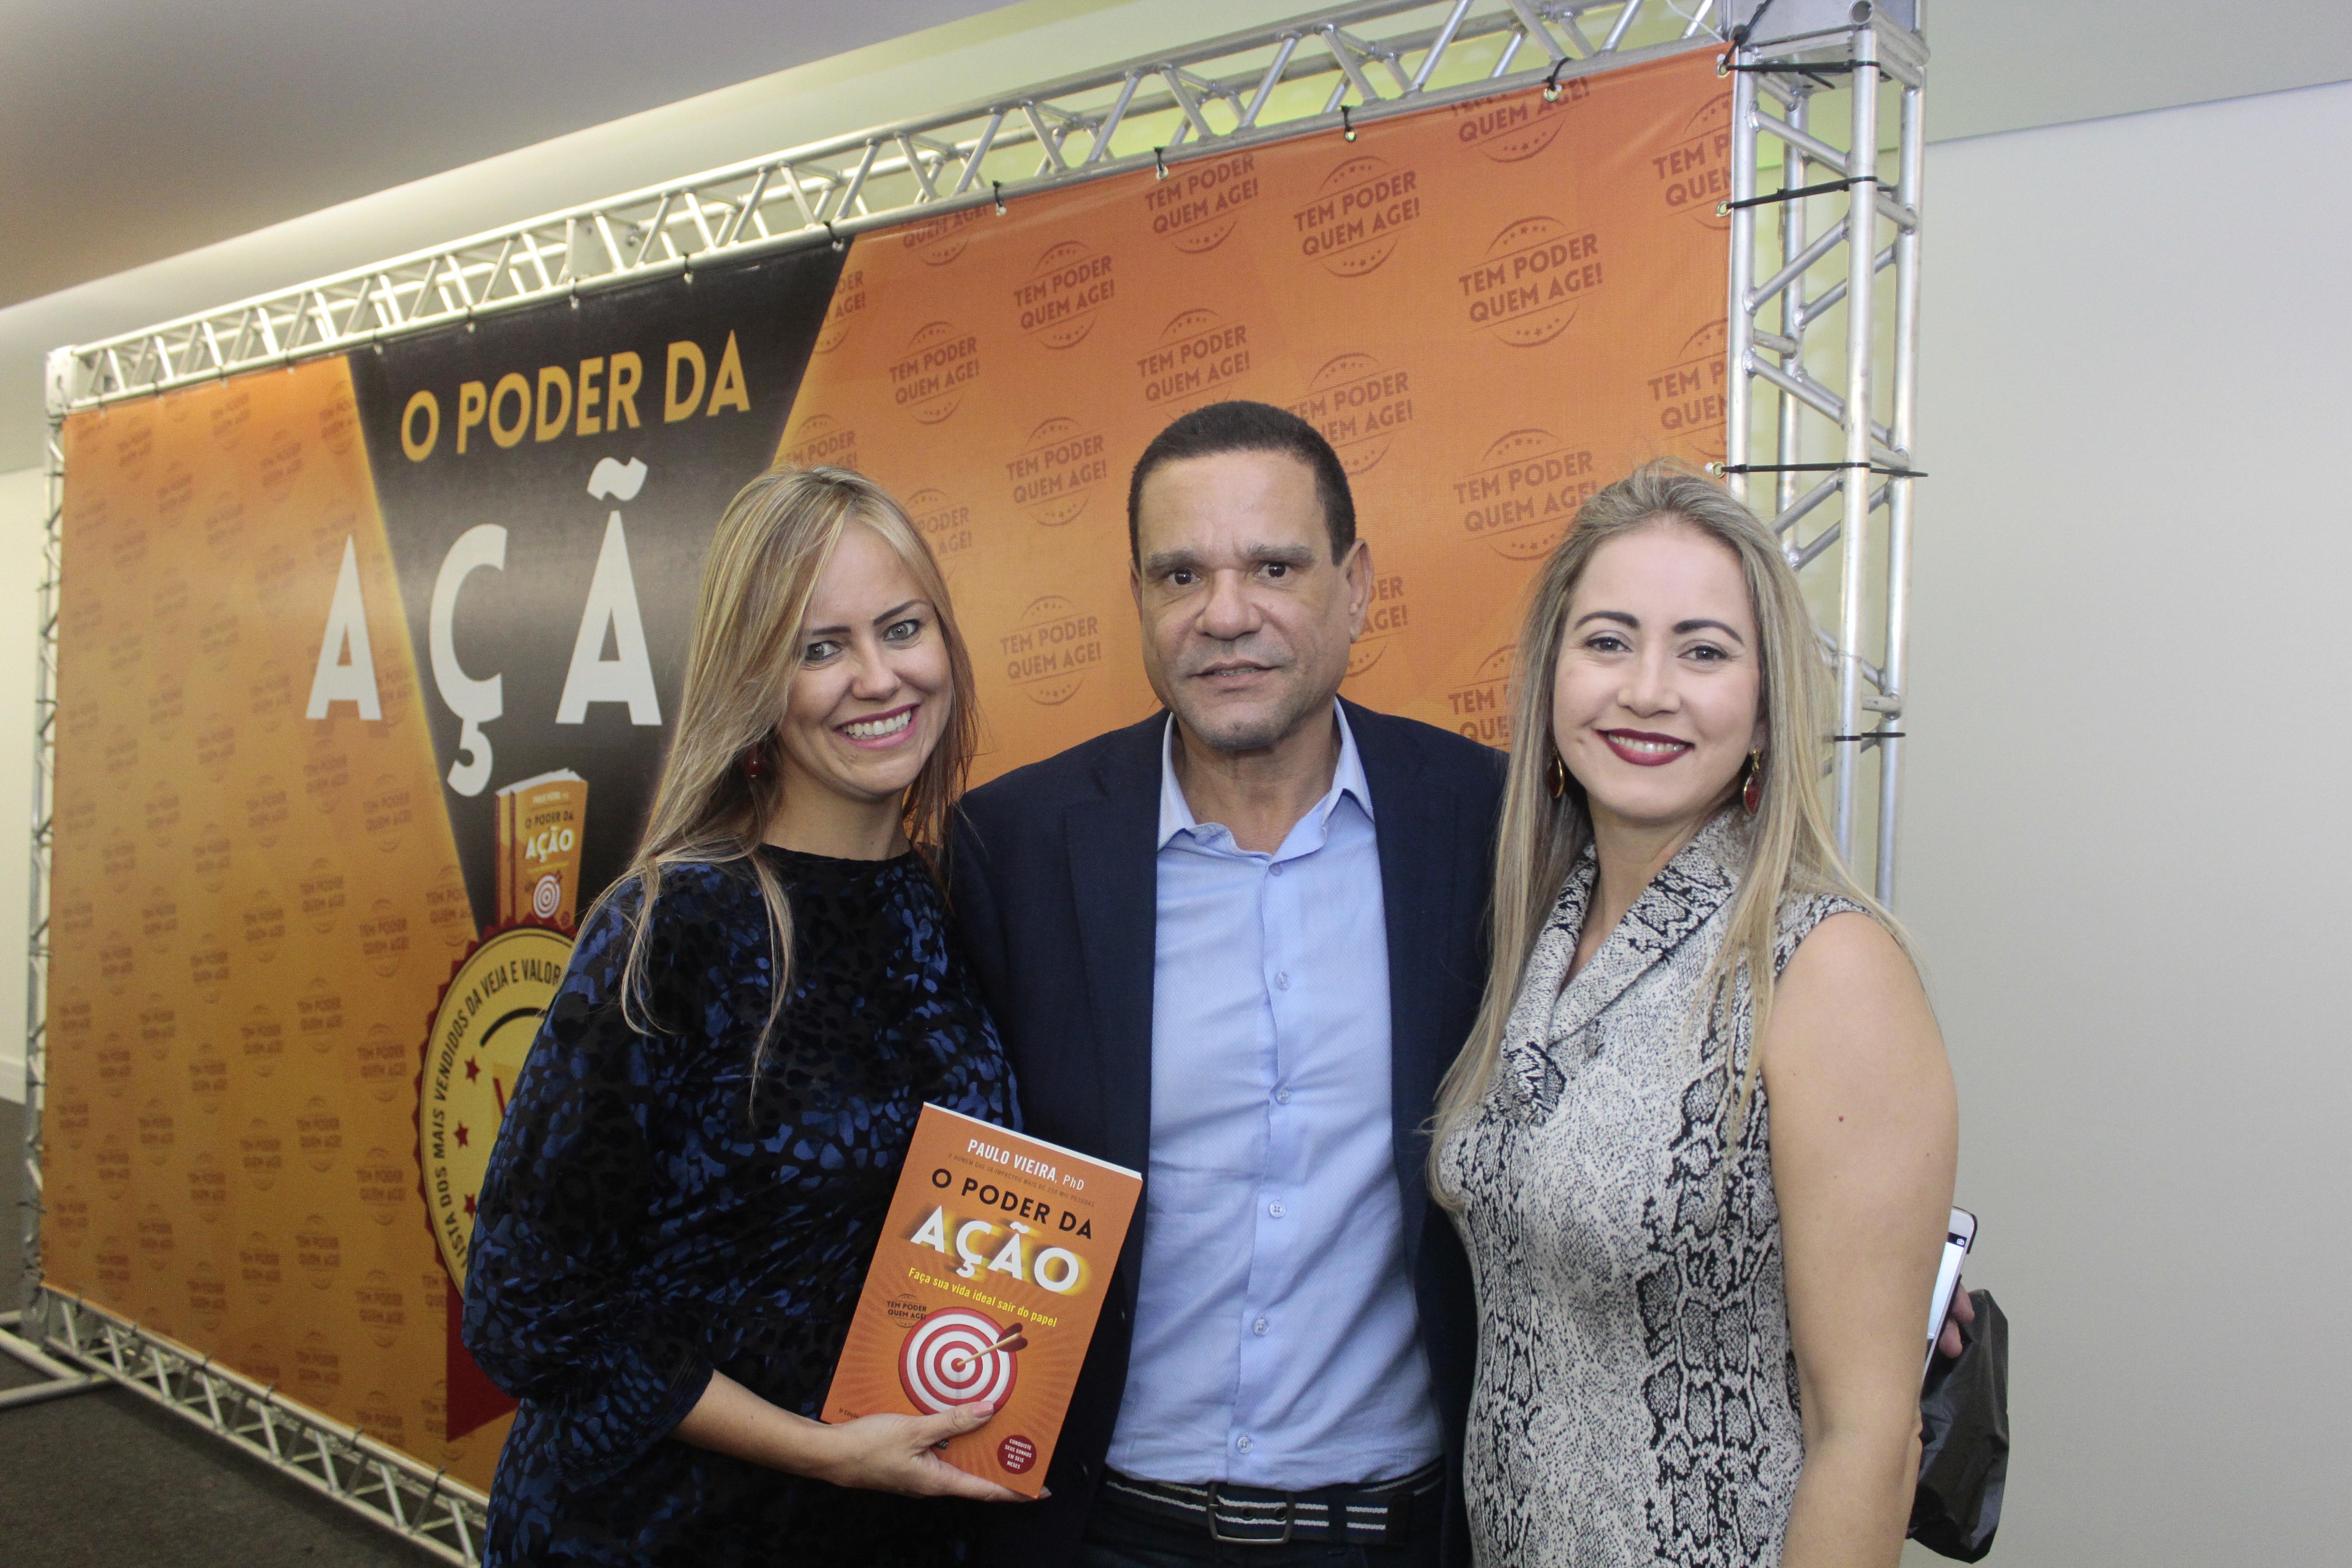 Alessandra sautier , Moisés Fernandes, Patricia giane